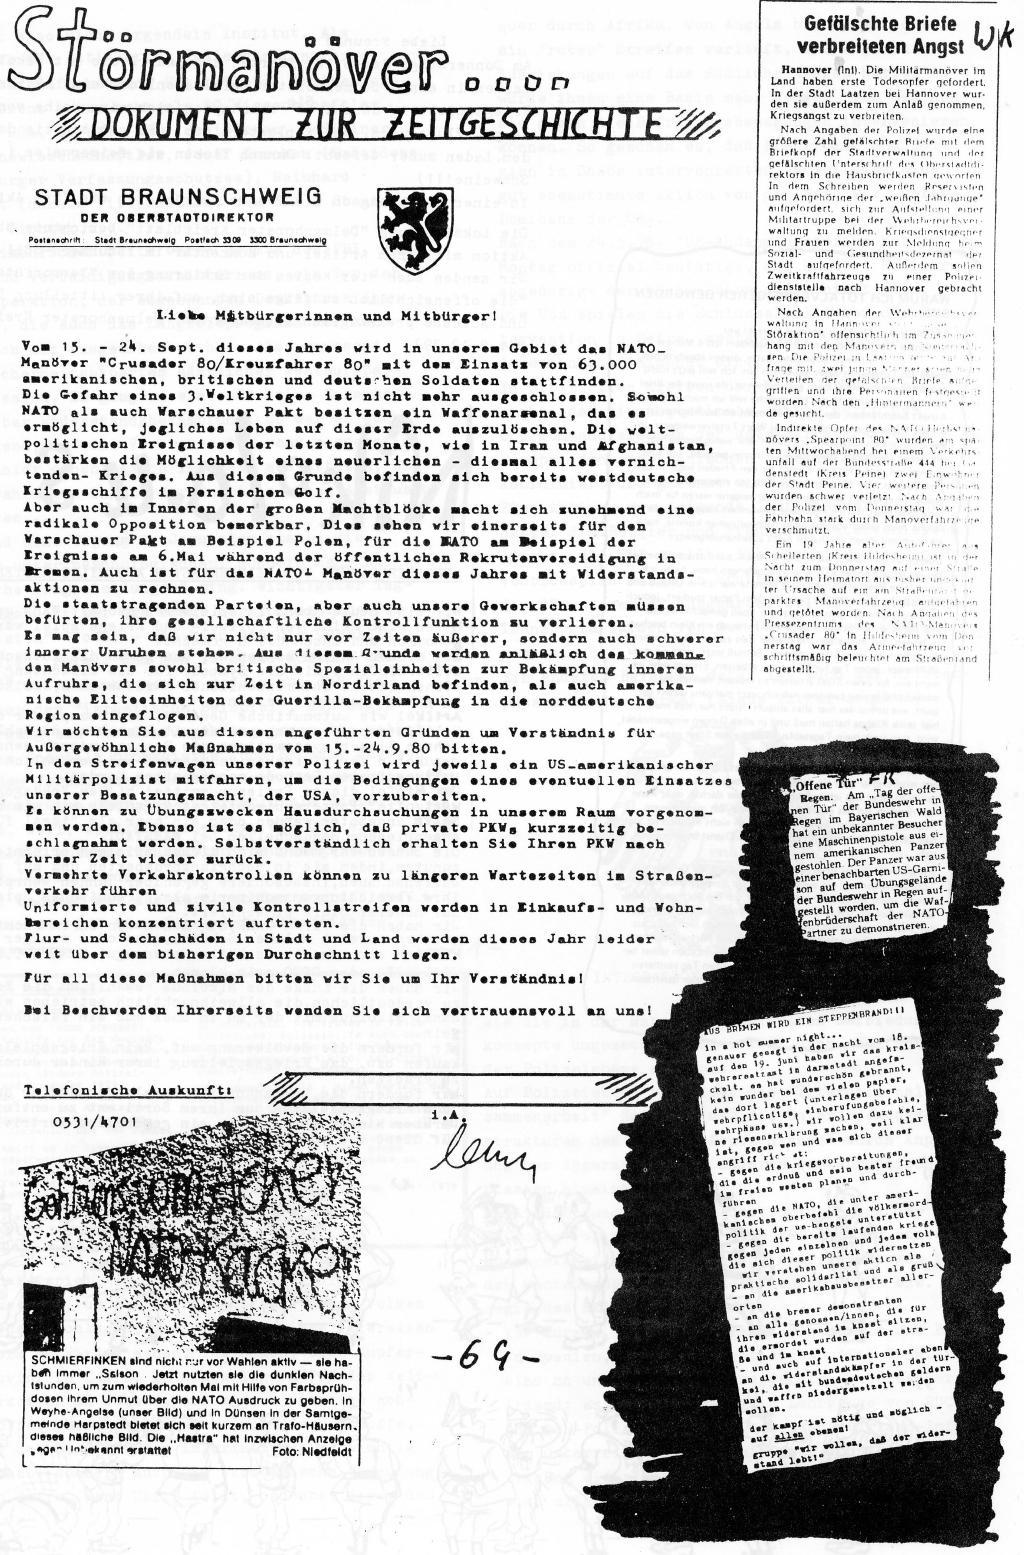 Bremen_1980_NATO_Broschuere_69